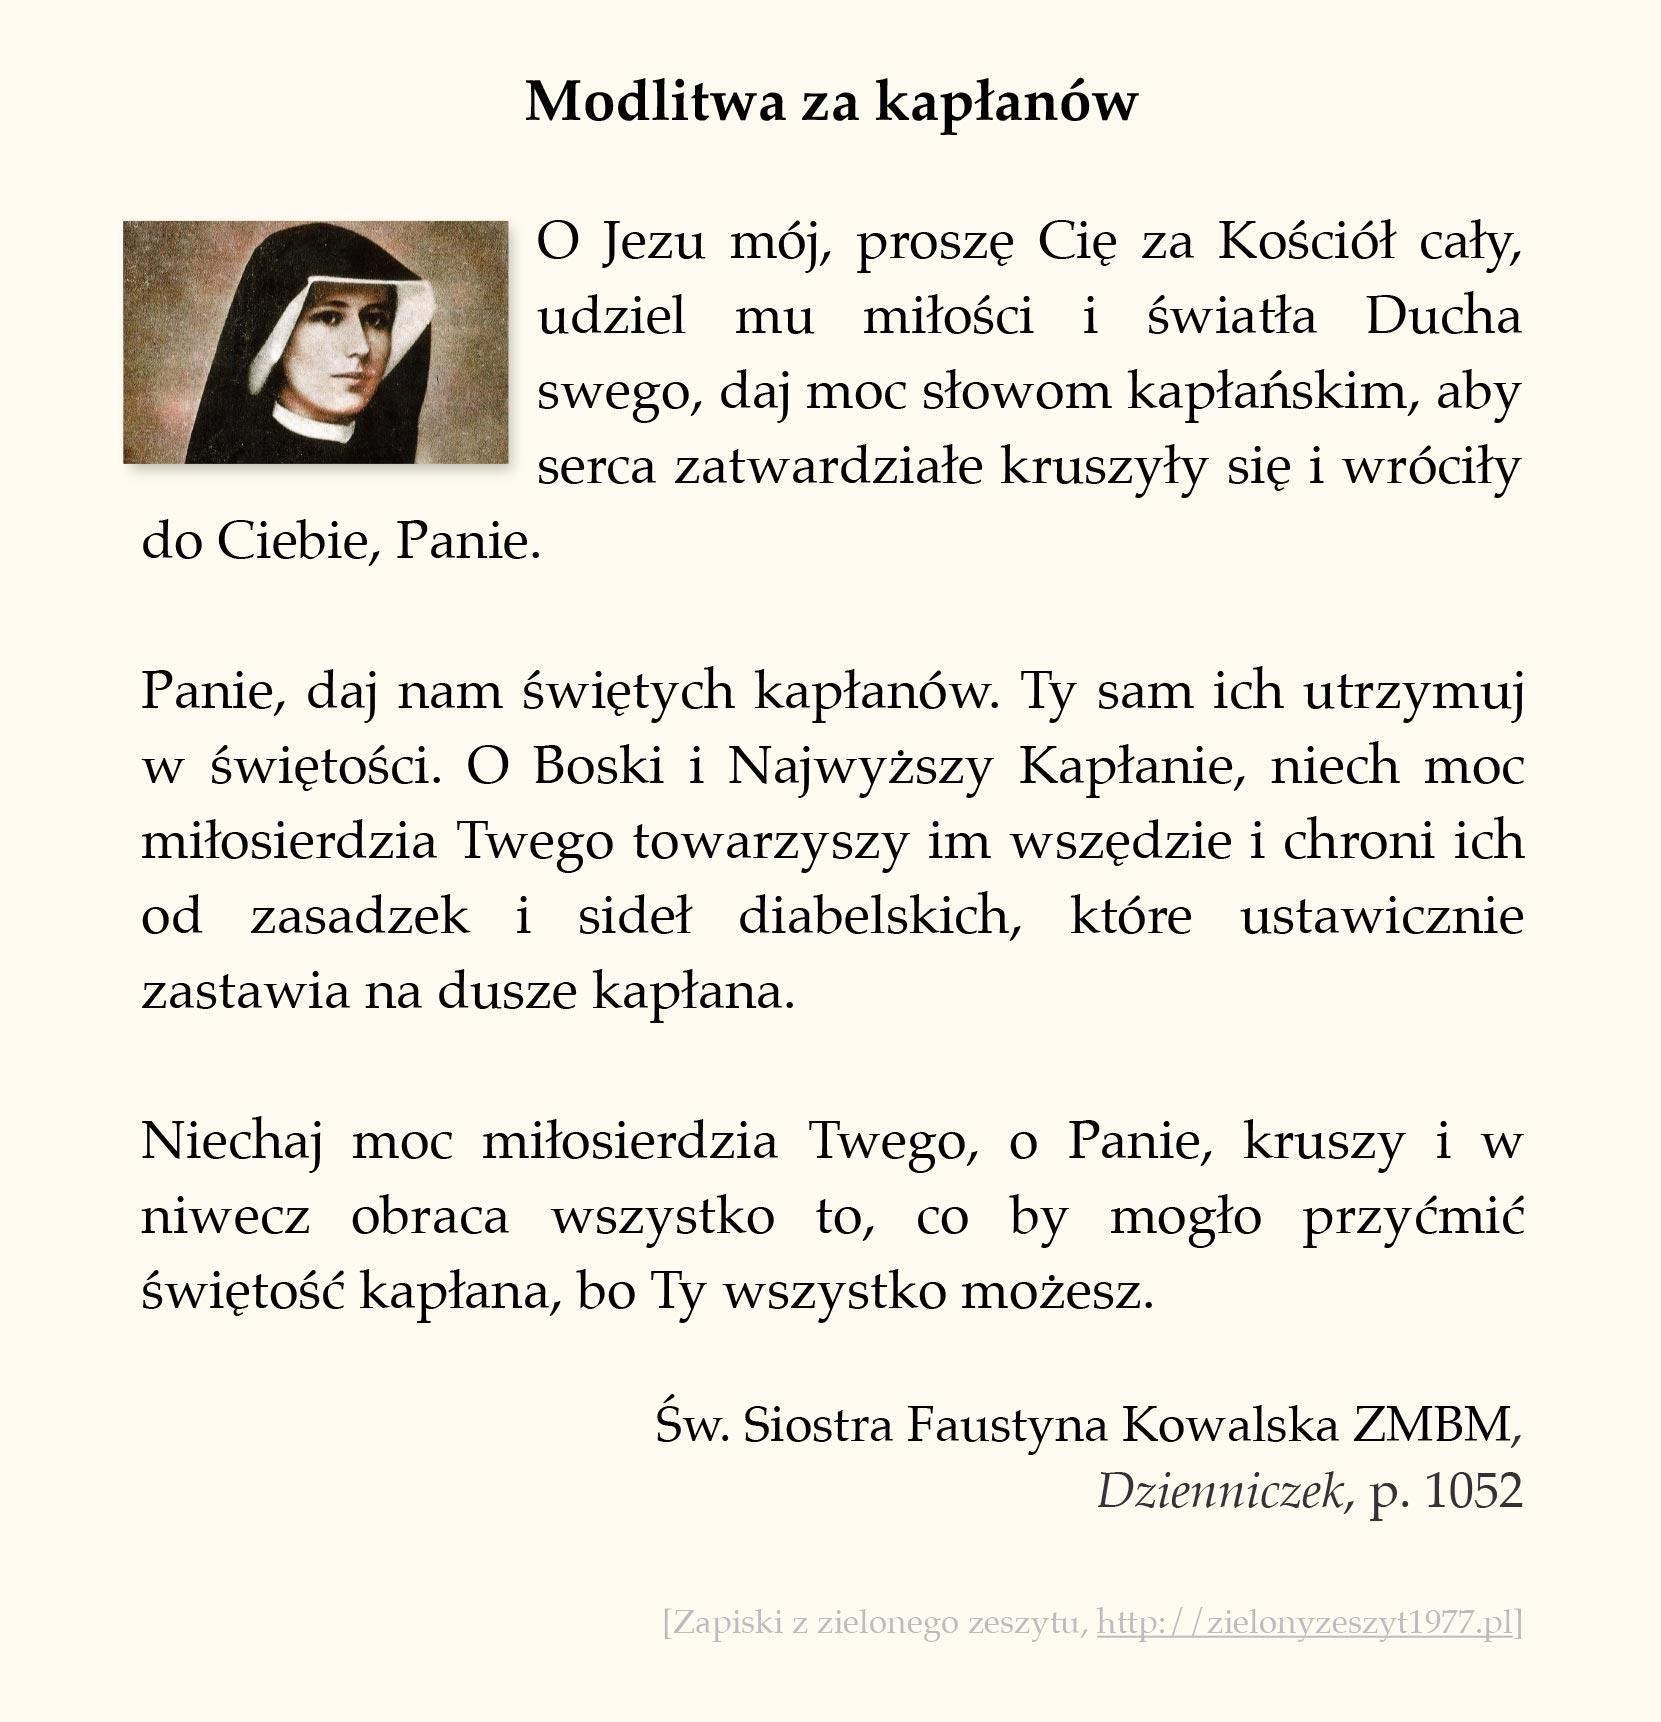 Modlitwa za kapłanów, św. Faustyna Kowalska